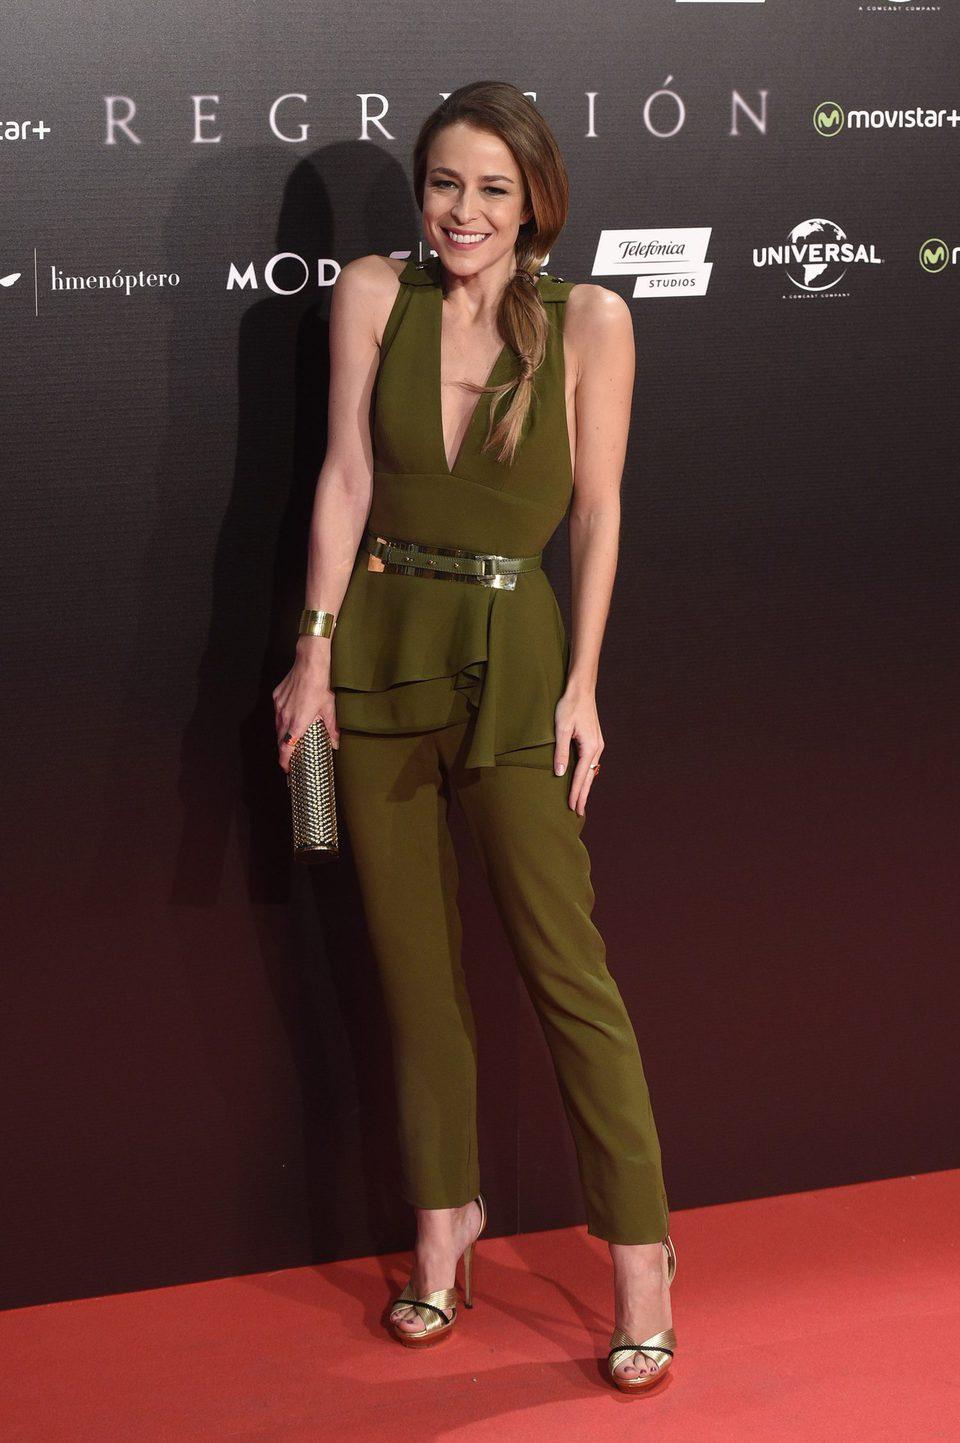 Silvia Abascal en la Premiere de 'Regresión' en Madrid